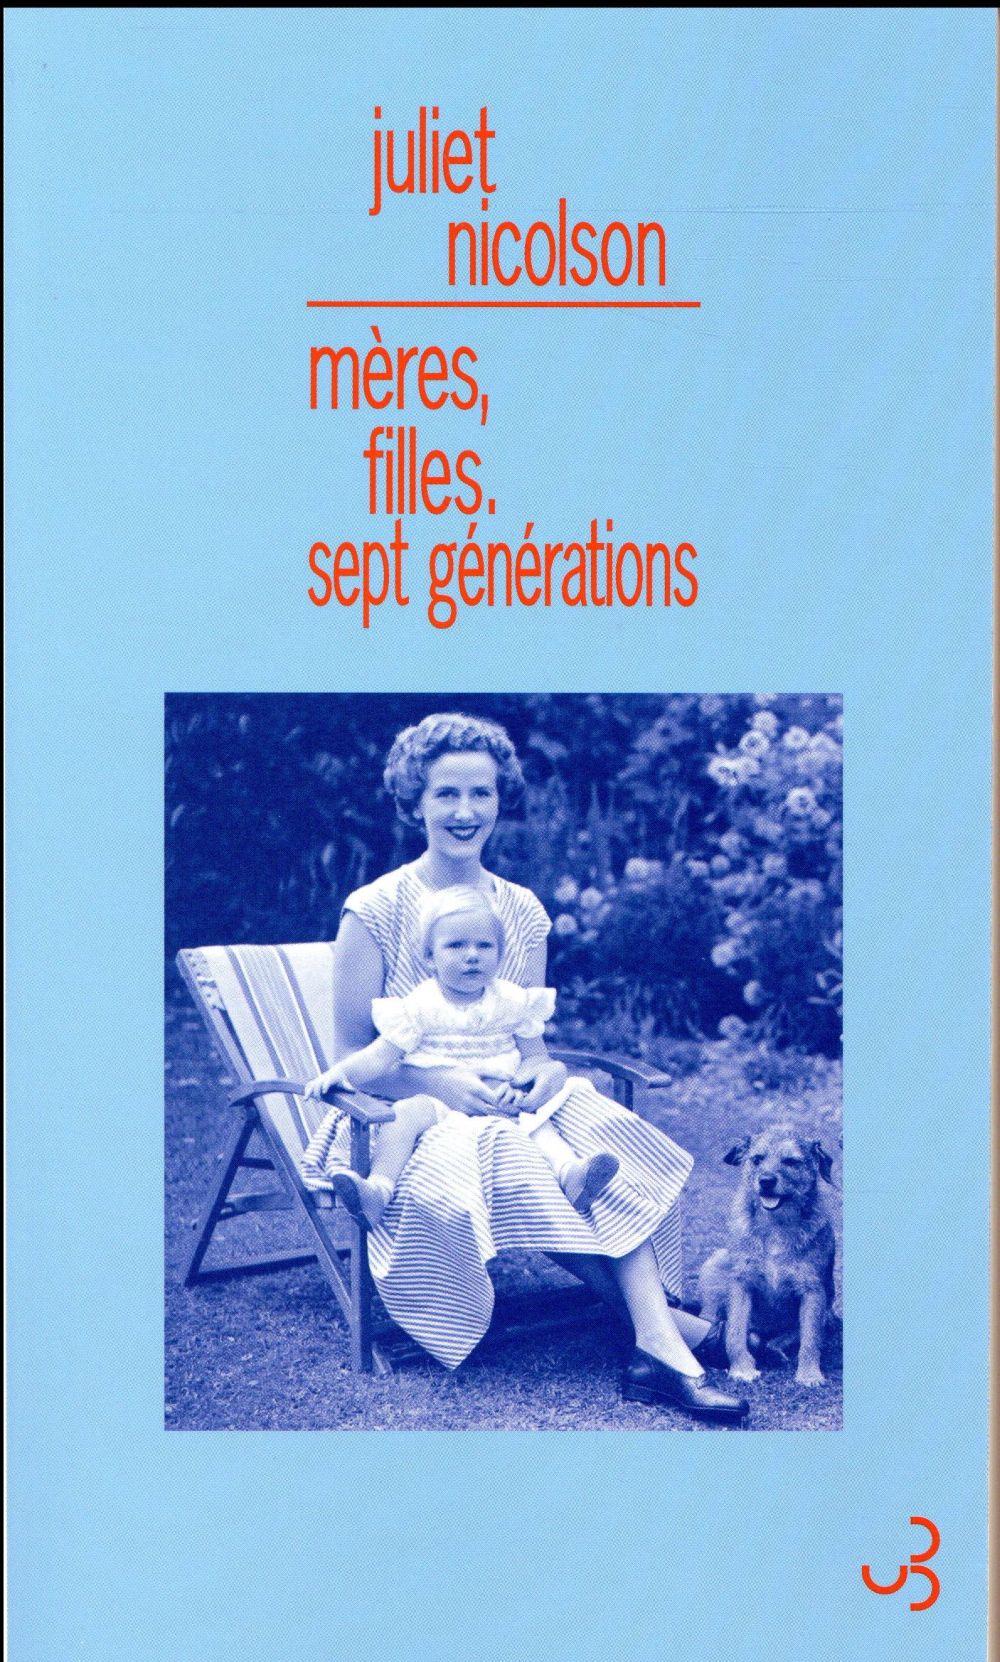 MERES, FILLES, SEPT GENERATIONS